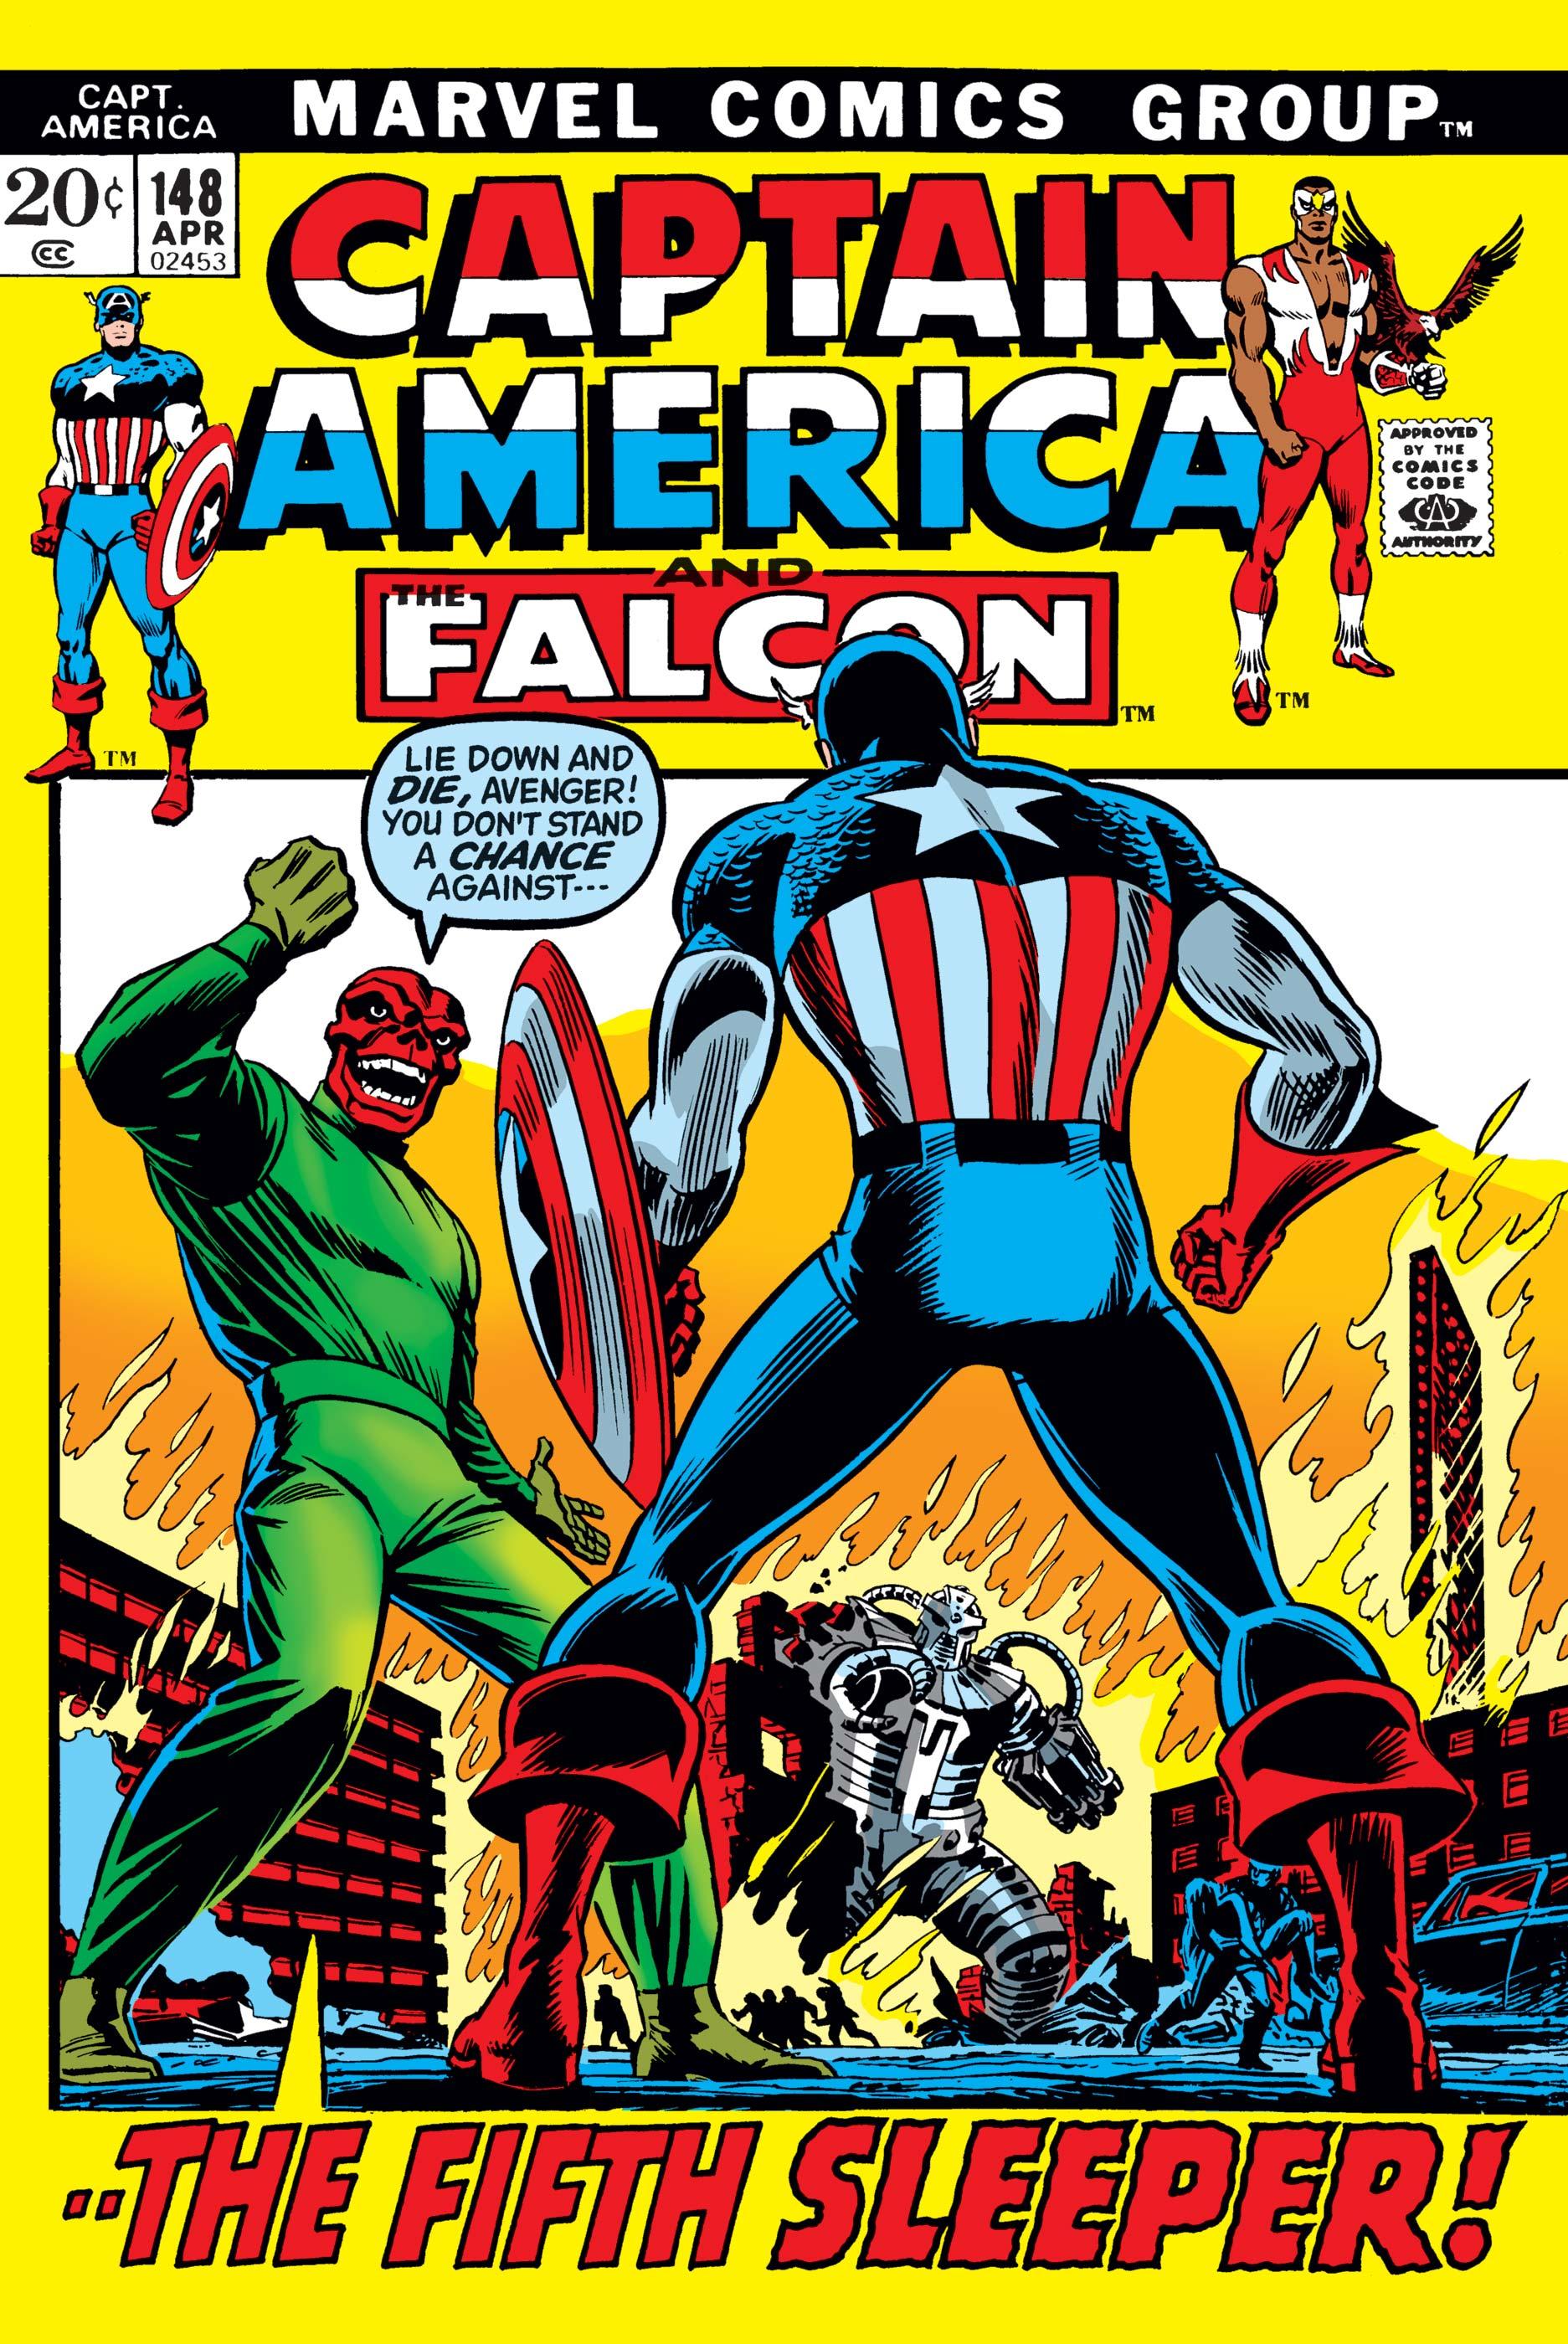 Captain America (1968) #148